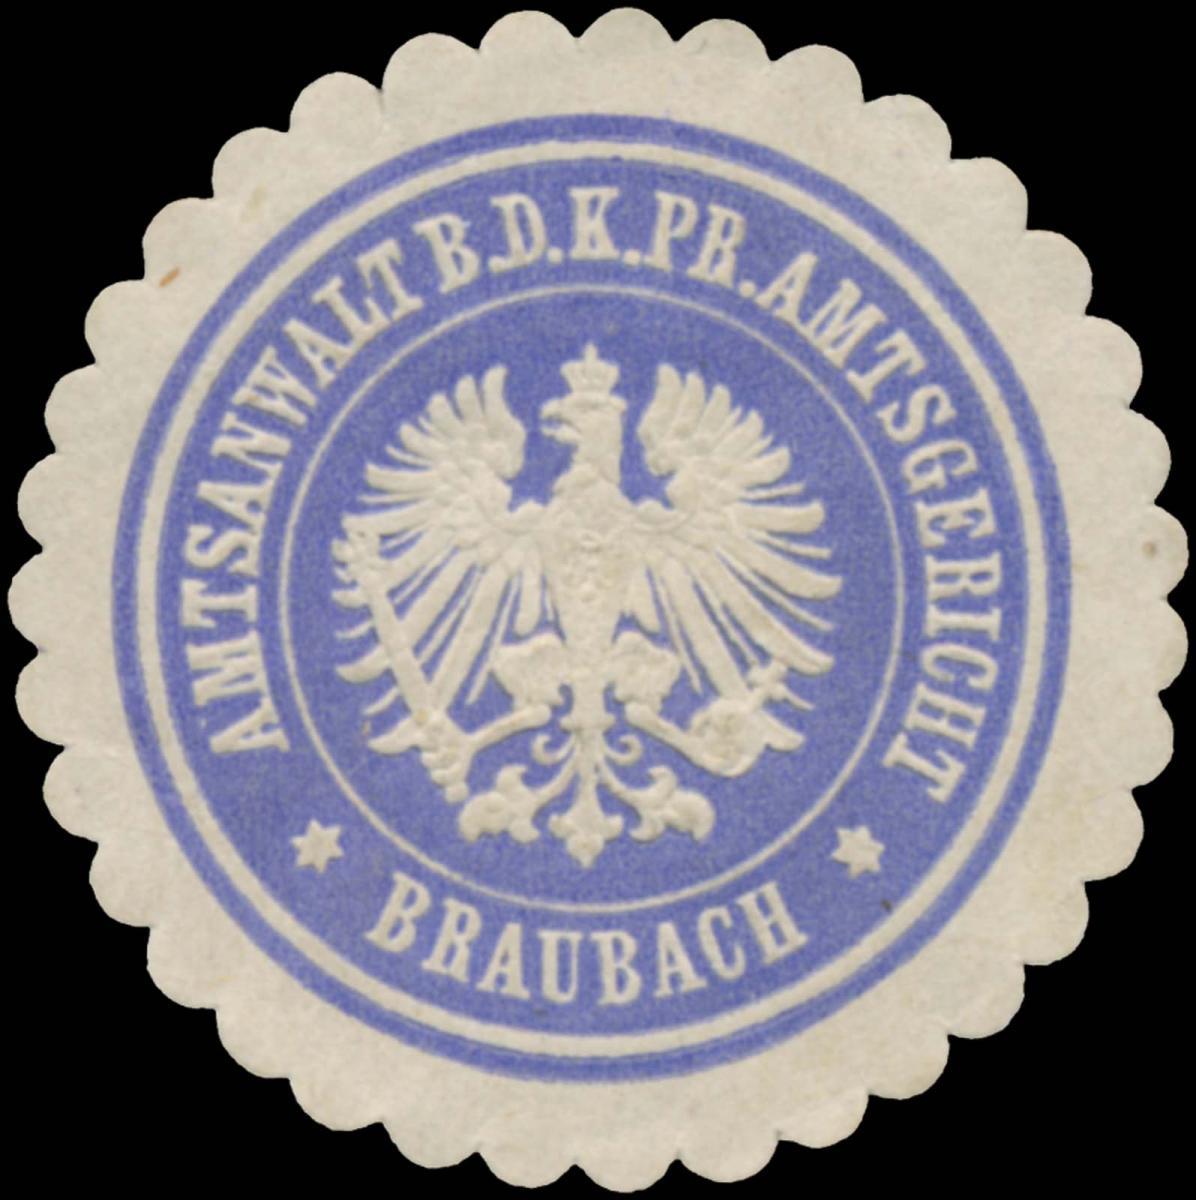 Amtsanwalt b.d. K.Pr. Amtsgericht Braubach